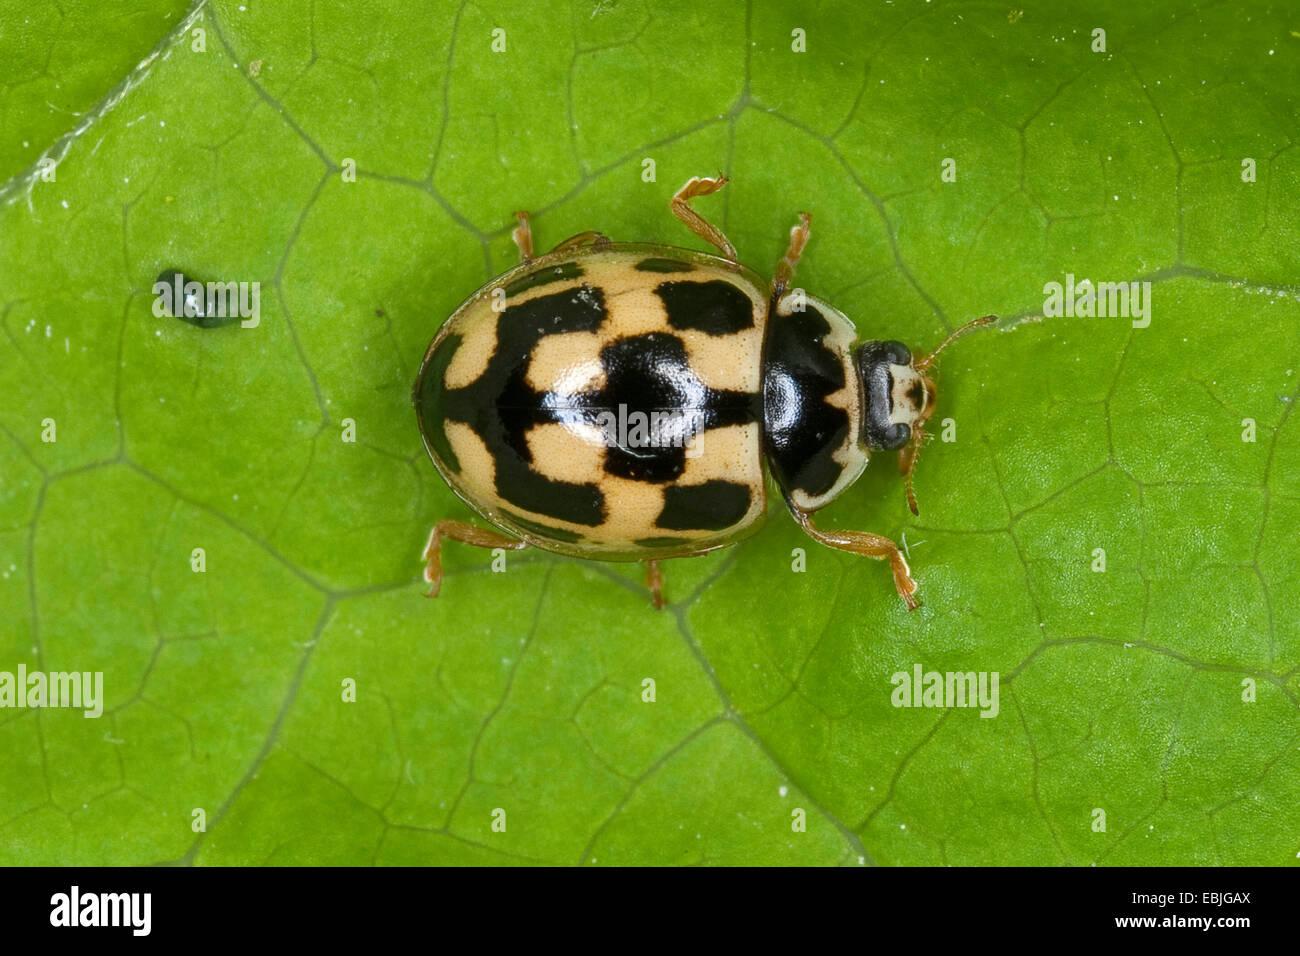 Quatorze-spot ladybird (Propylea quatuordecimpunctata), assis sur une feuille, Allemagne Photo Stock